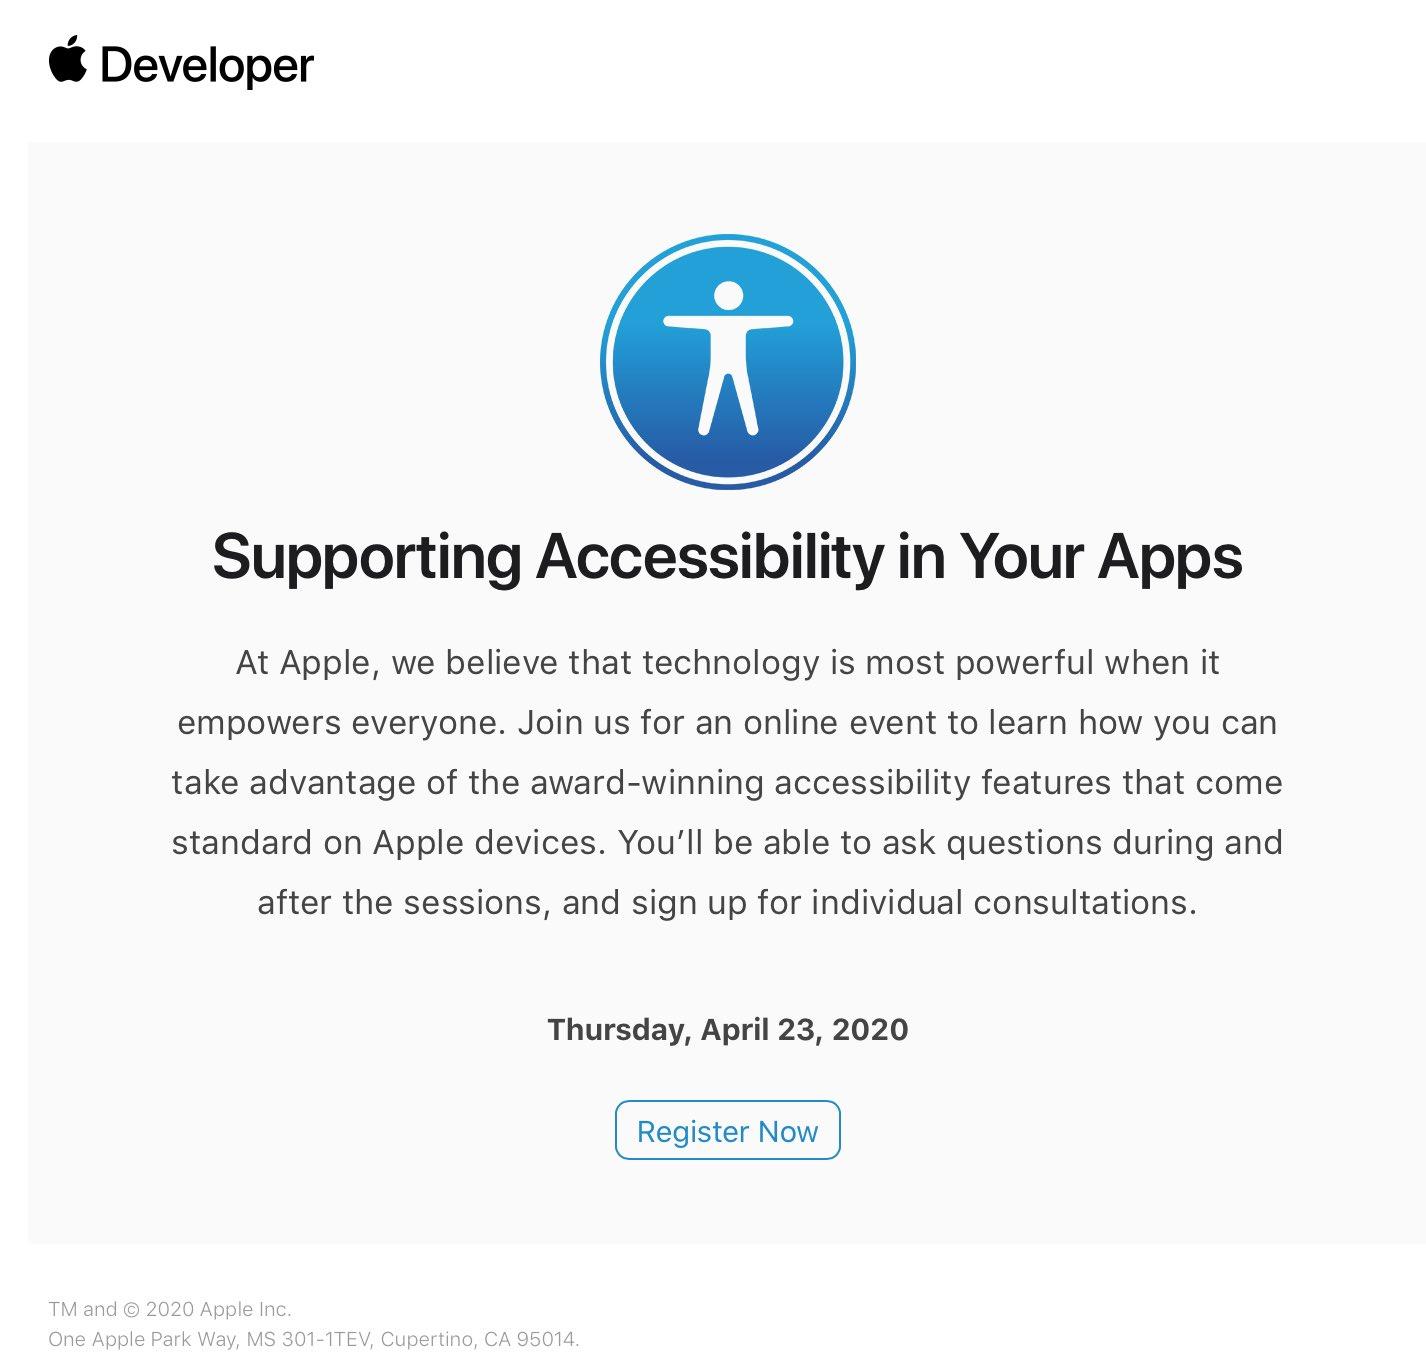 Prova per WWDC 2020, Apple invita alcuni sviluppatori a una sessione online